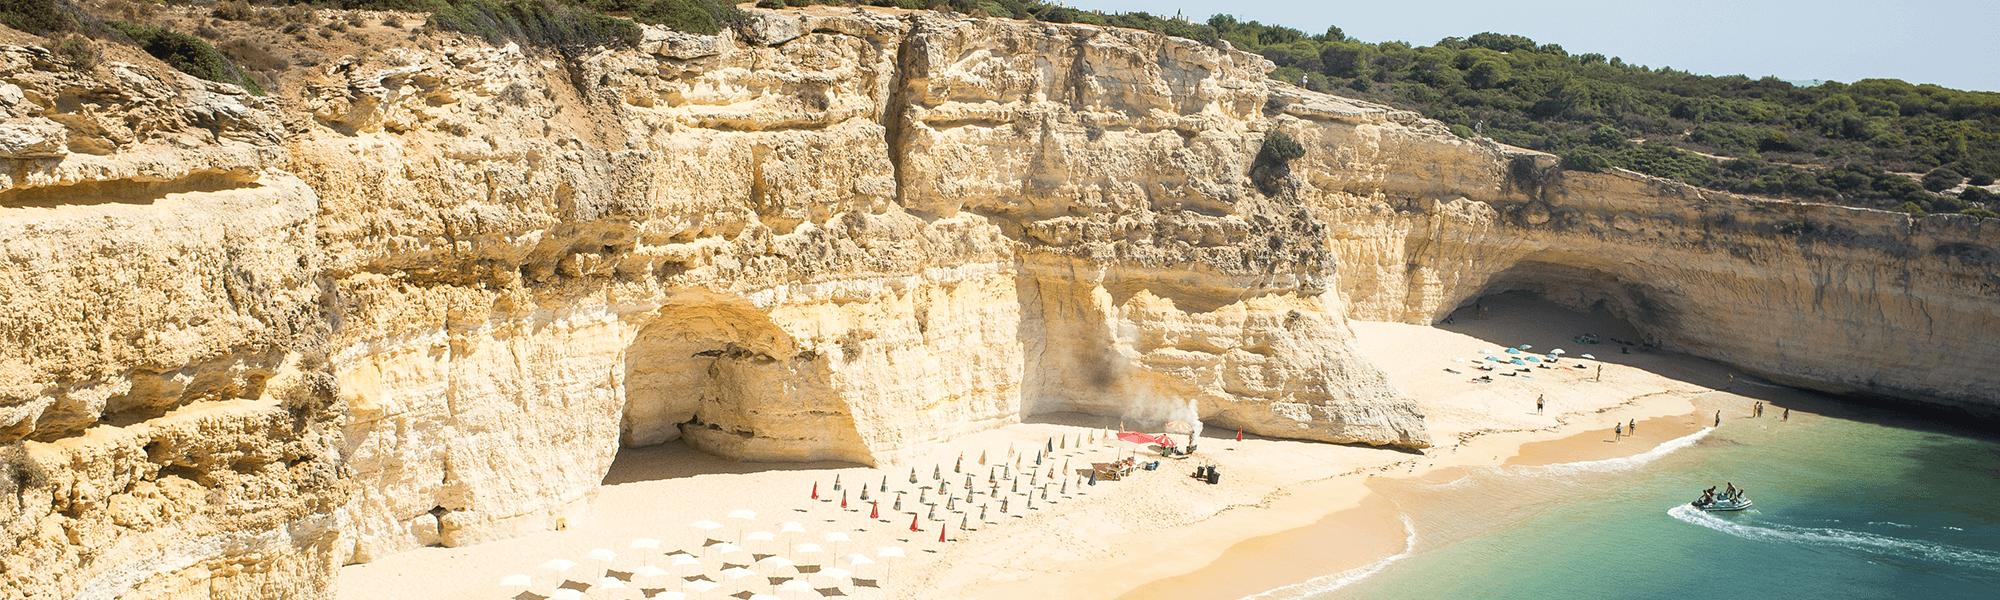 Algarve-Praia-da-Marinha